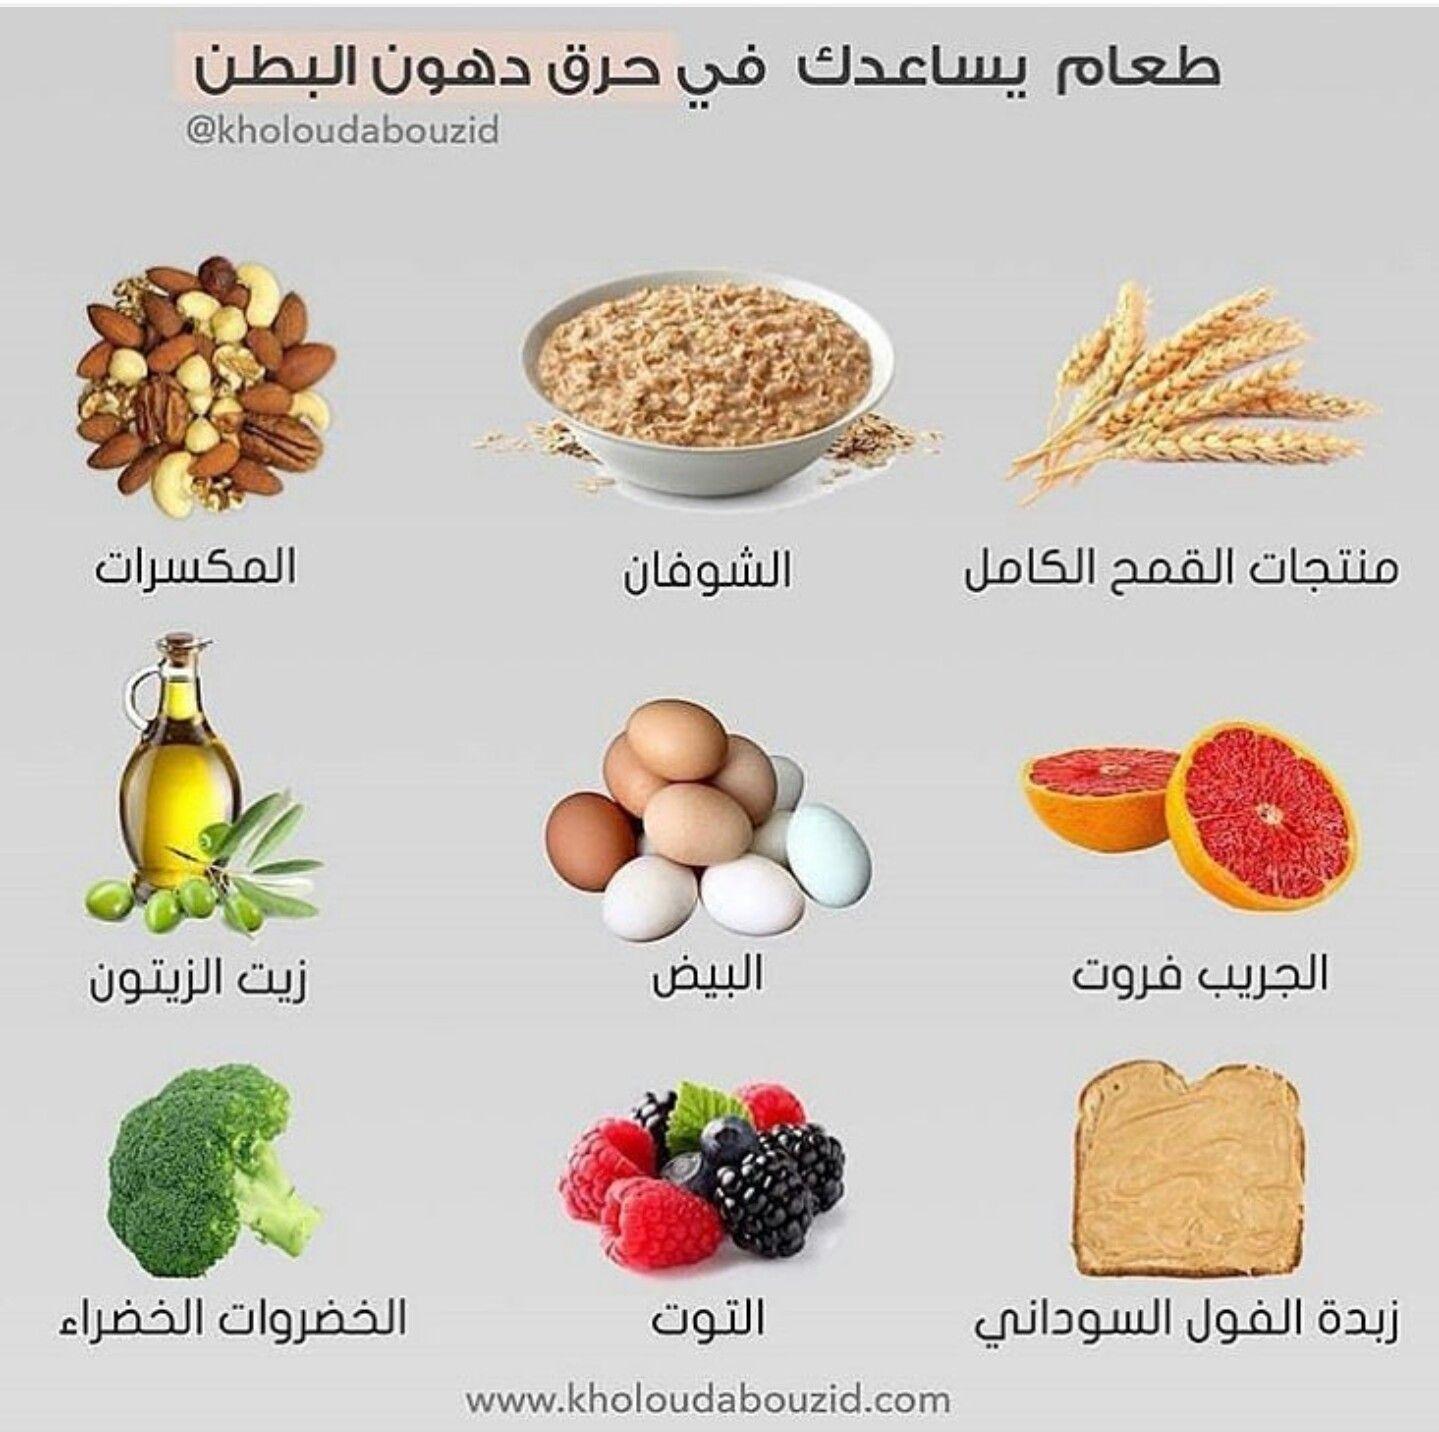 Pin By Yara On Aya Naji Health Facts Food Health Fitness Food Health Fitness Nutrition